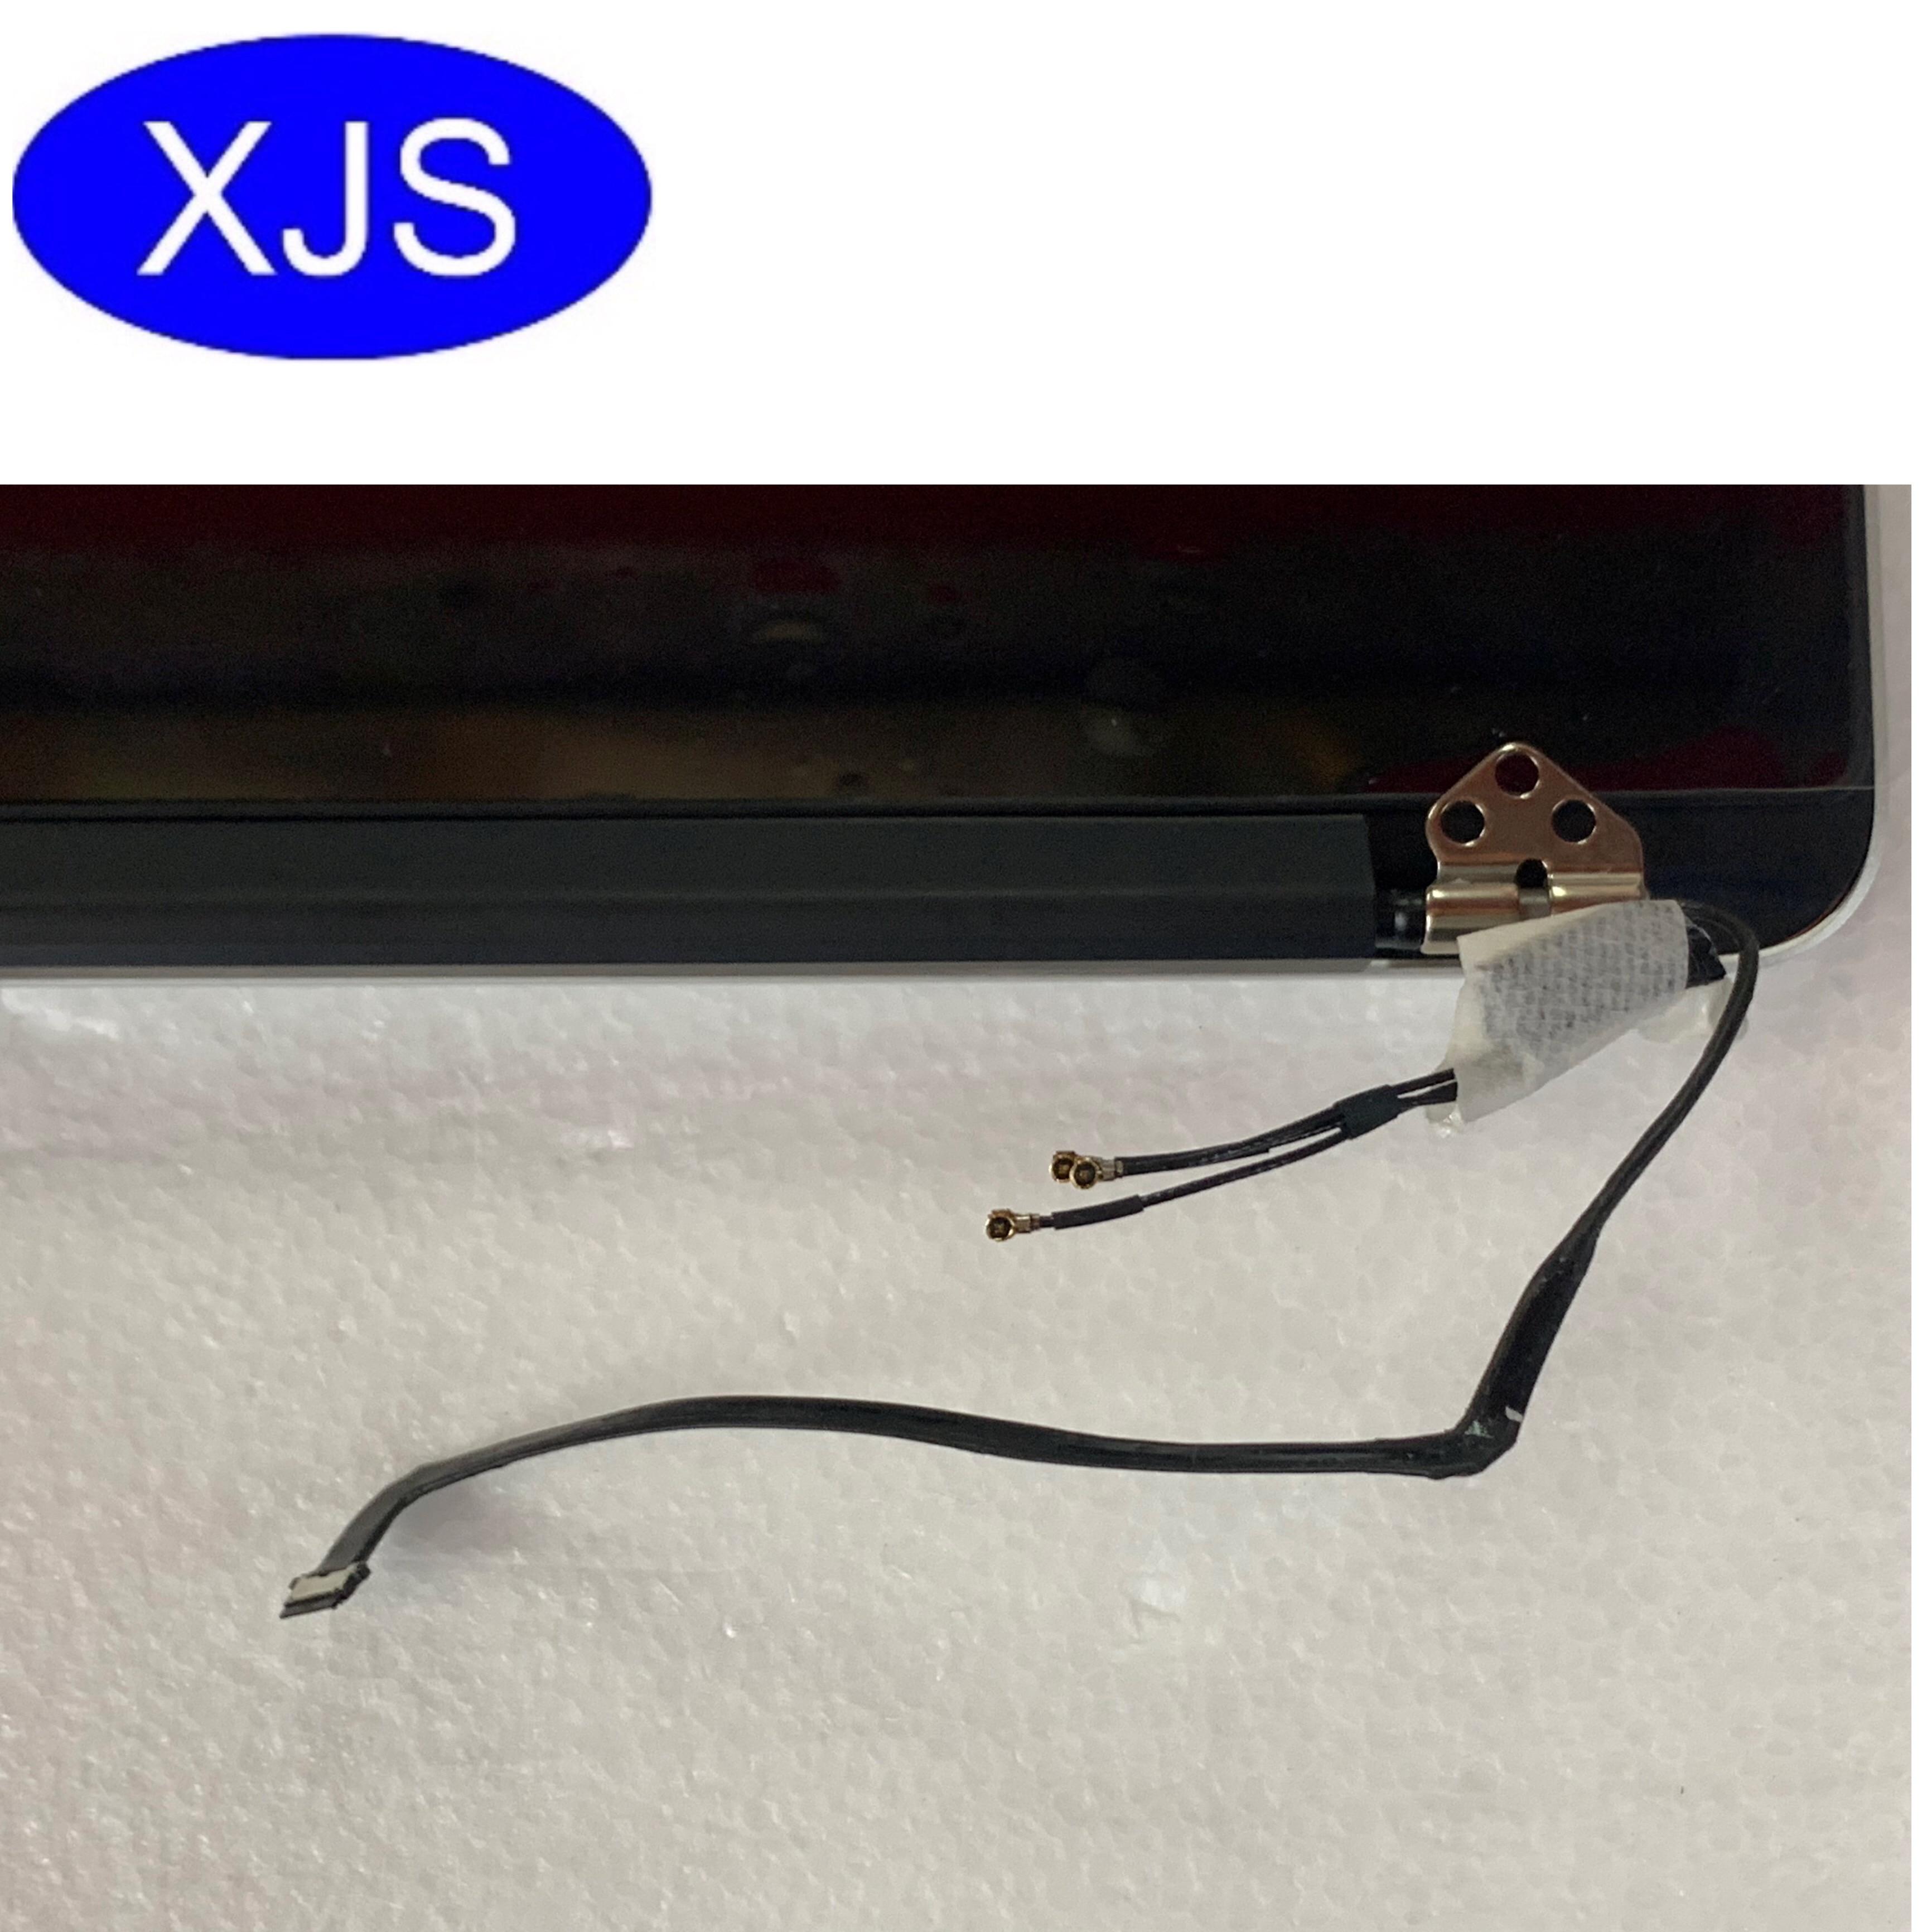 Pour Macbook Pro A1398 15 Original nouveau écran LED LCD assemblée fin 2013 mi 2014 année 661-8310